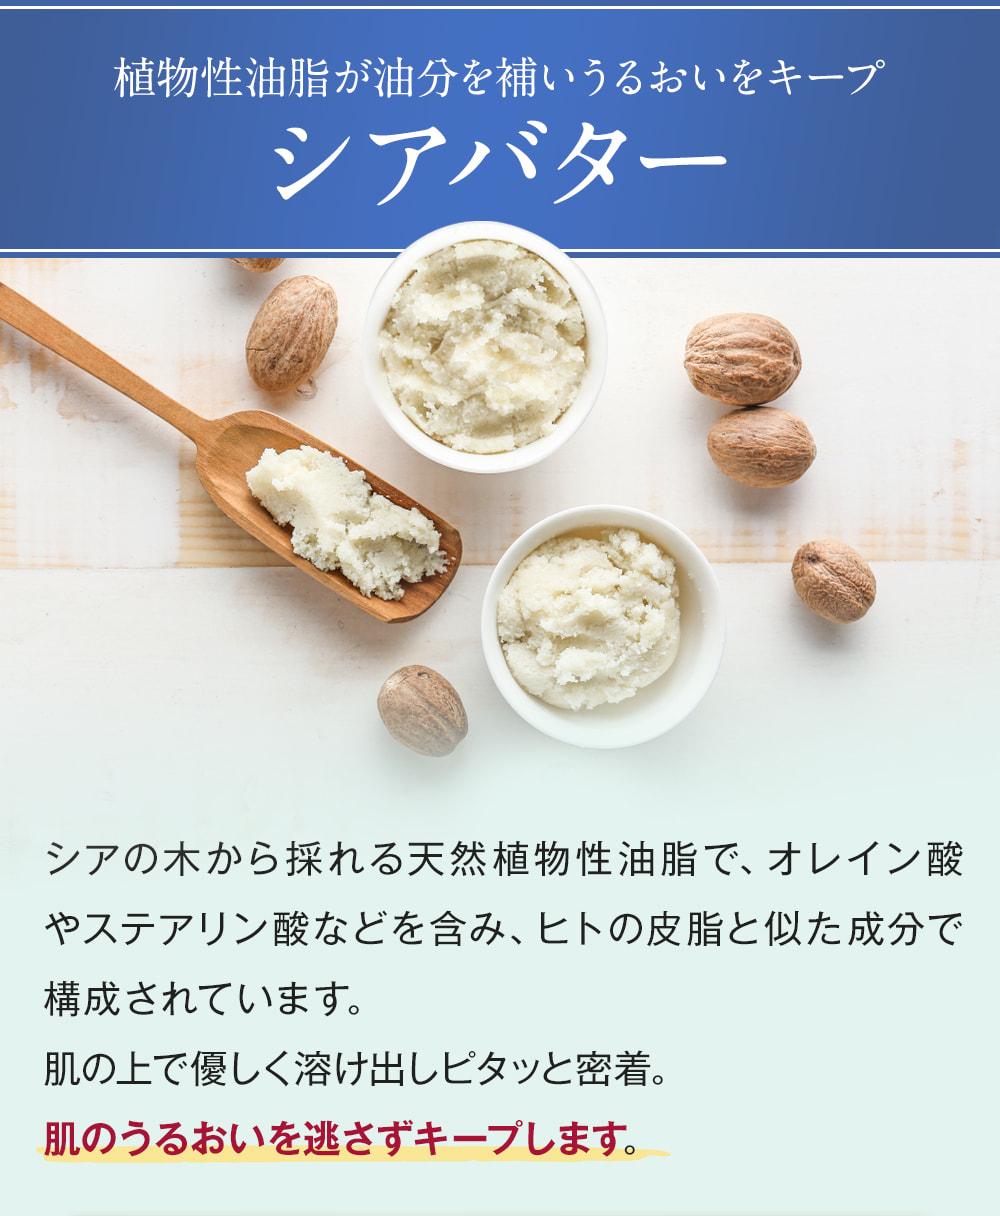 肌に優しい植物由来の油分、シアバターもたっぷり配合しています。